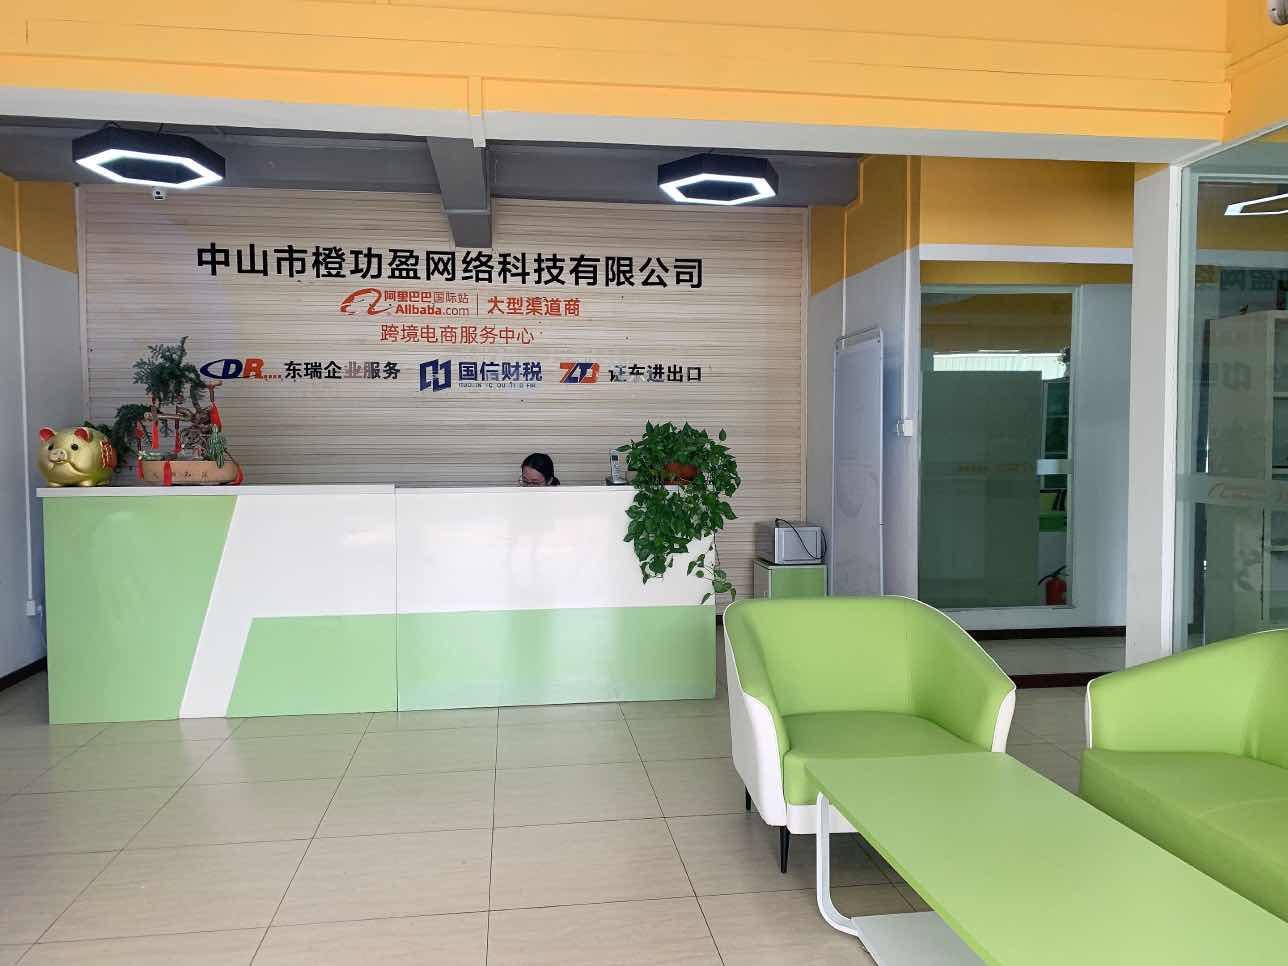 中山市橙功盈网络科技有限公司_才通国际人才网_job001.cn